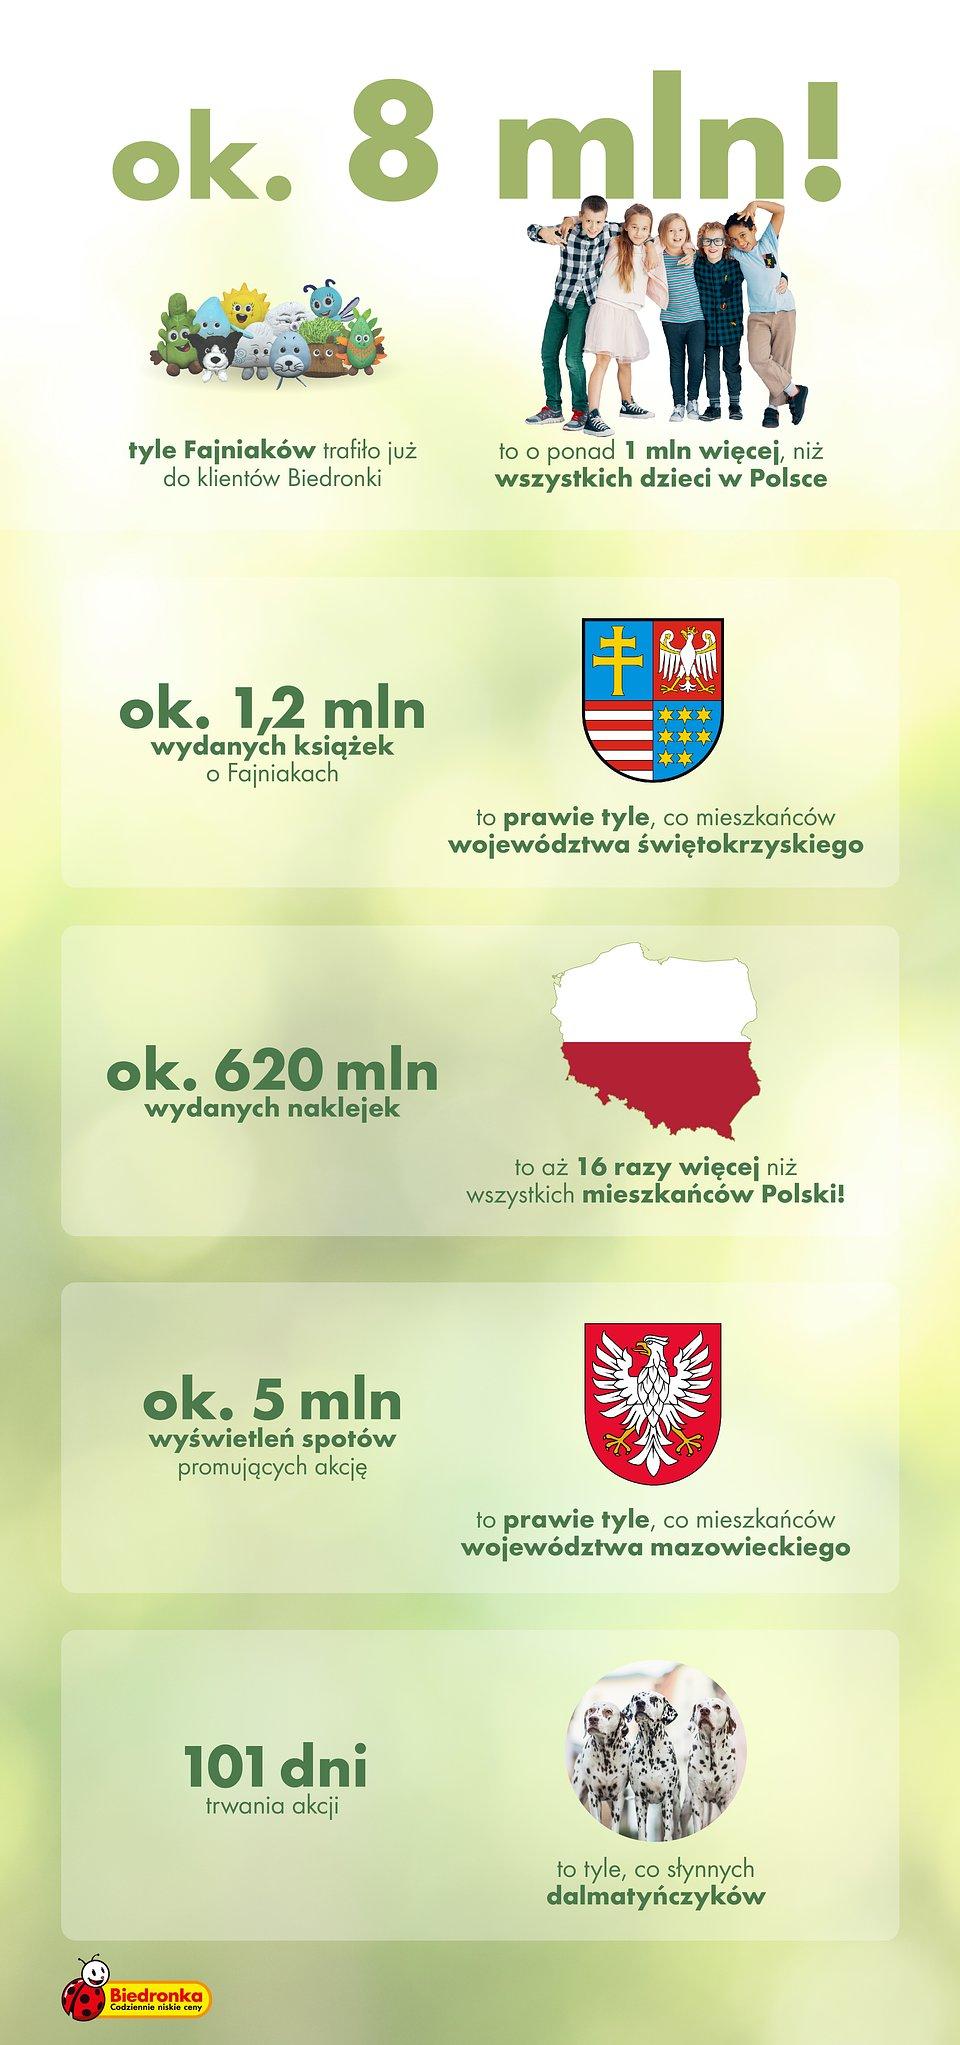 Biedronka_Fajniaki.jpg